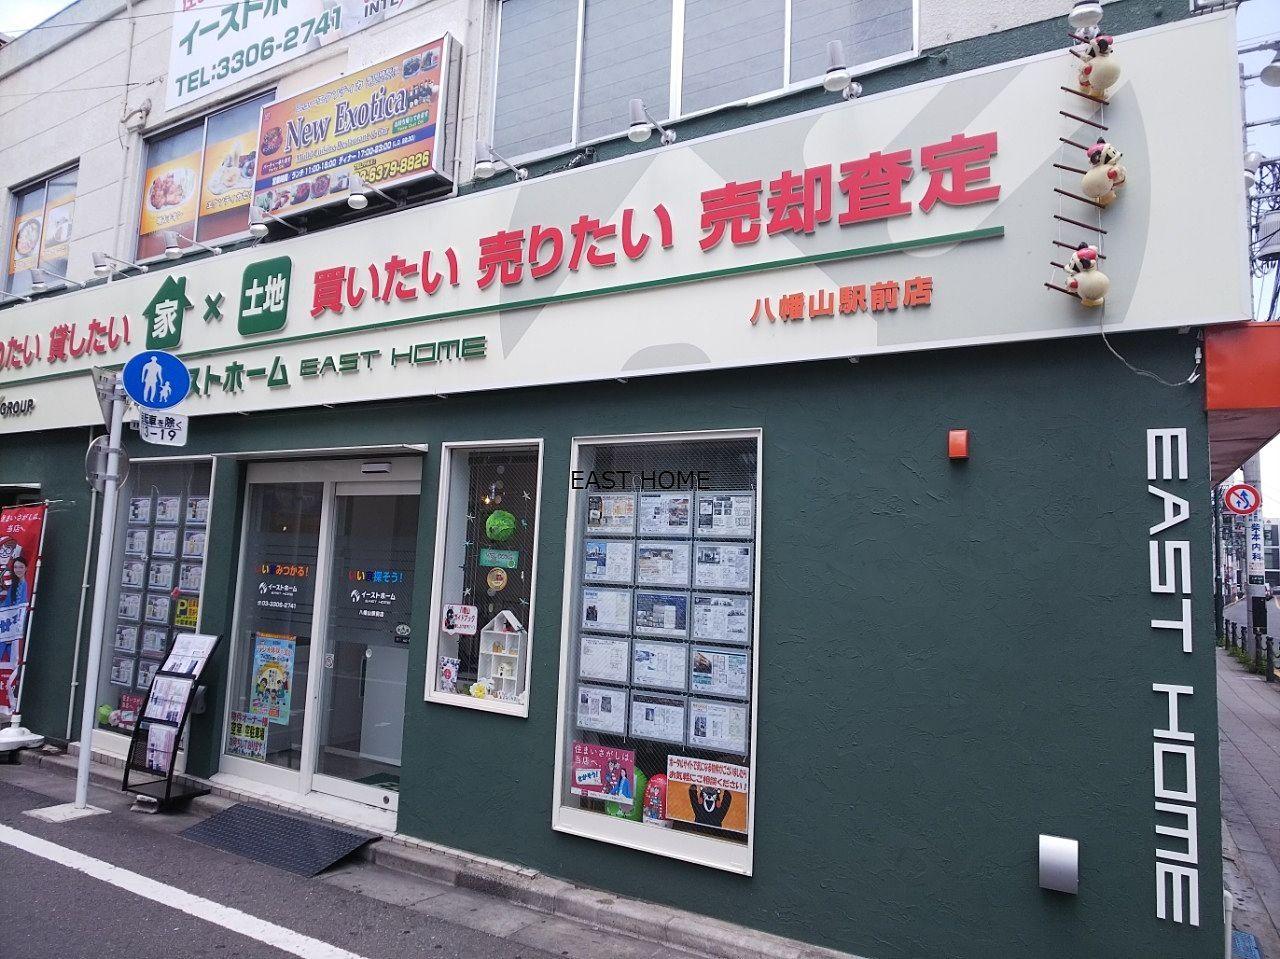 京王線 八幡山駅イーストホーム